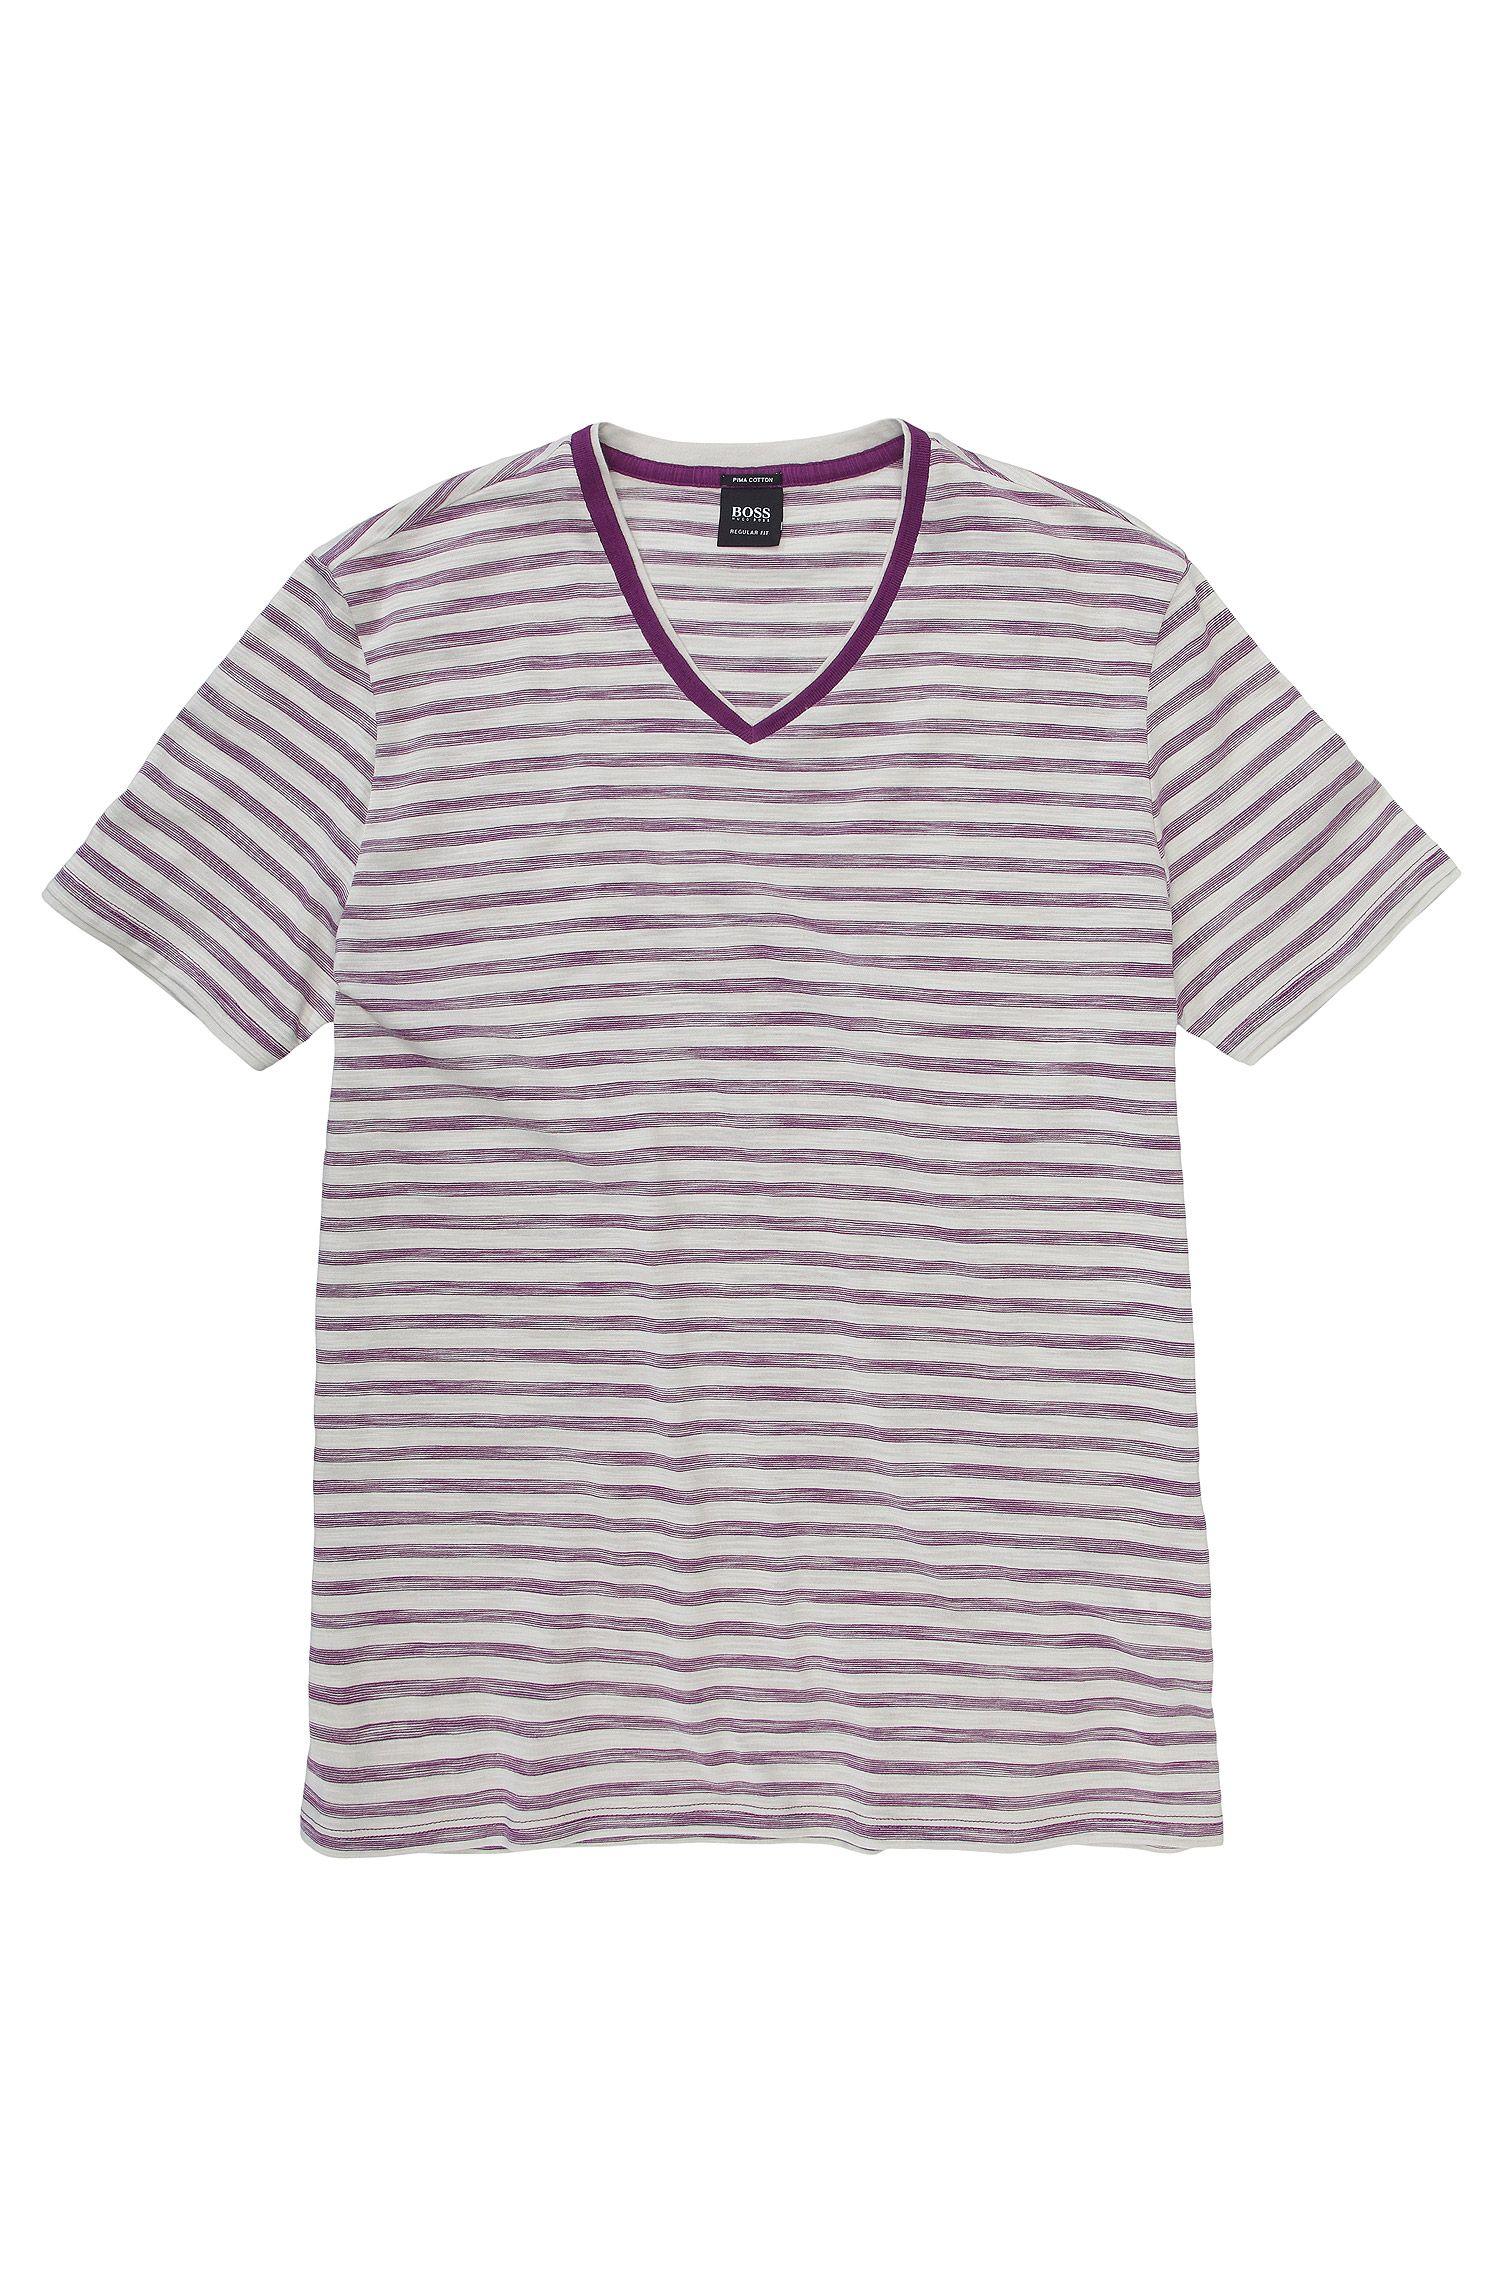 T-shirt en pur coton Pima, Eraldo 49